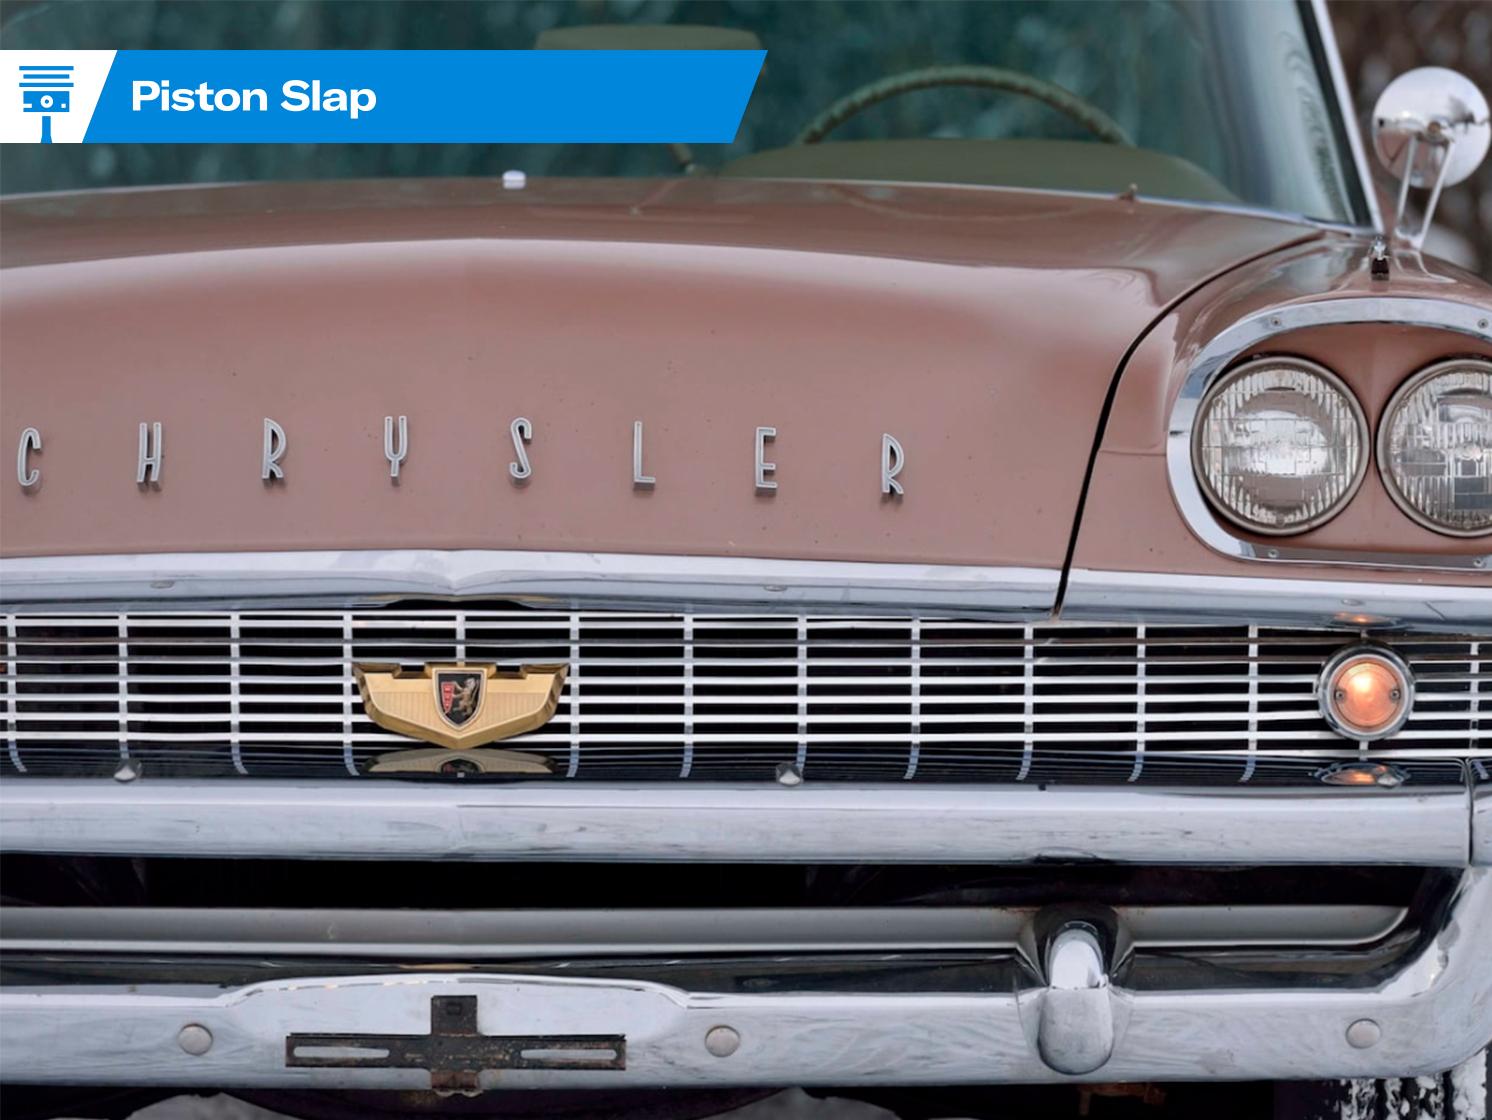 Piston_Slap_Chrysler_Braking_Lede